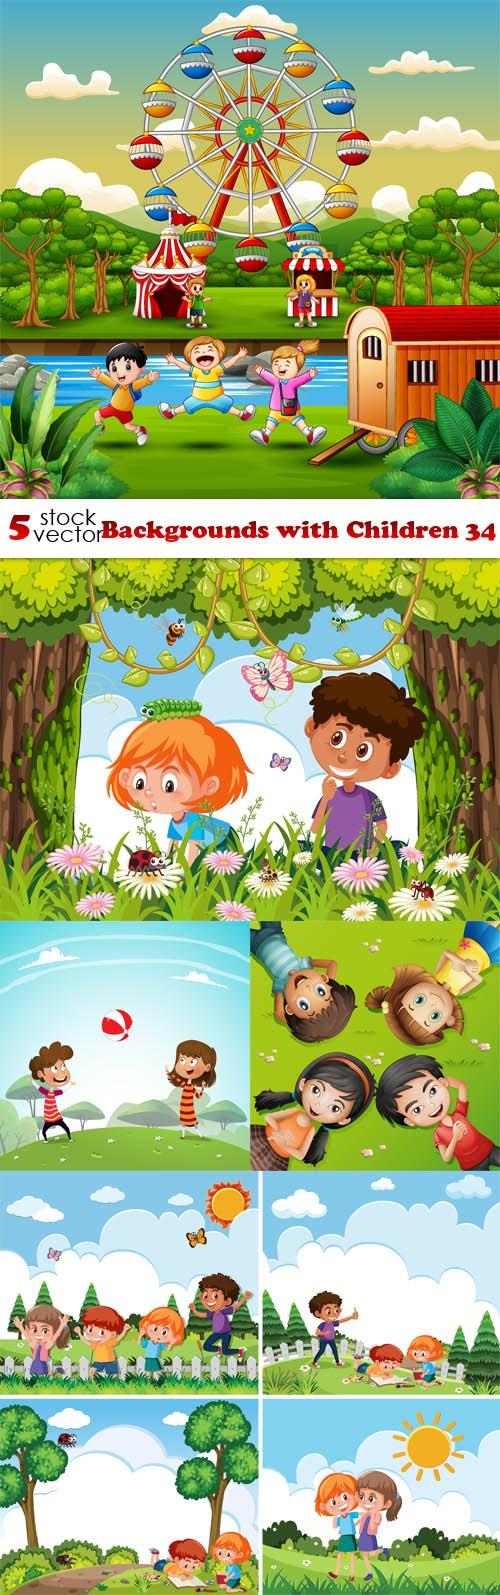 Vectors - Backgrounds with Children 34